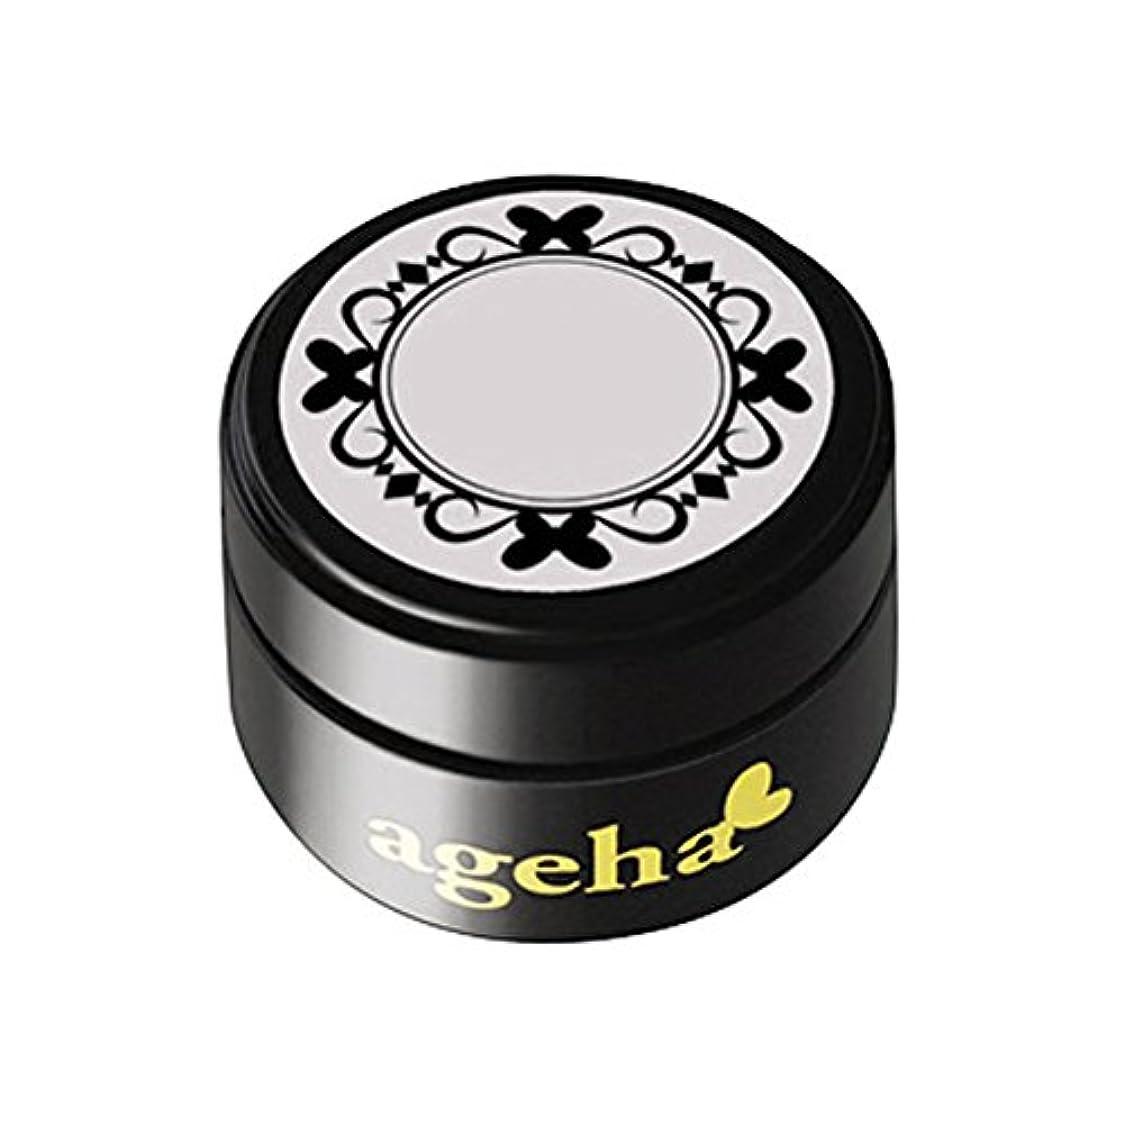 化合物チョコレート成熟したageha gel カラージェル コスメカラー 217 オーキッド 2.7g UV/LED対応